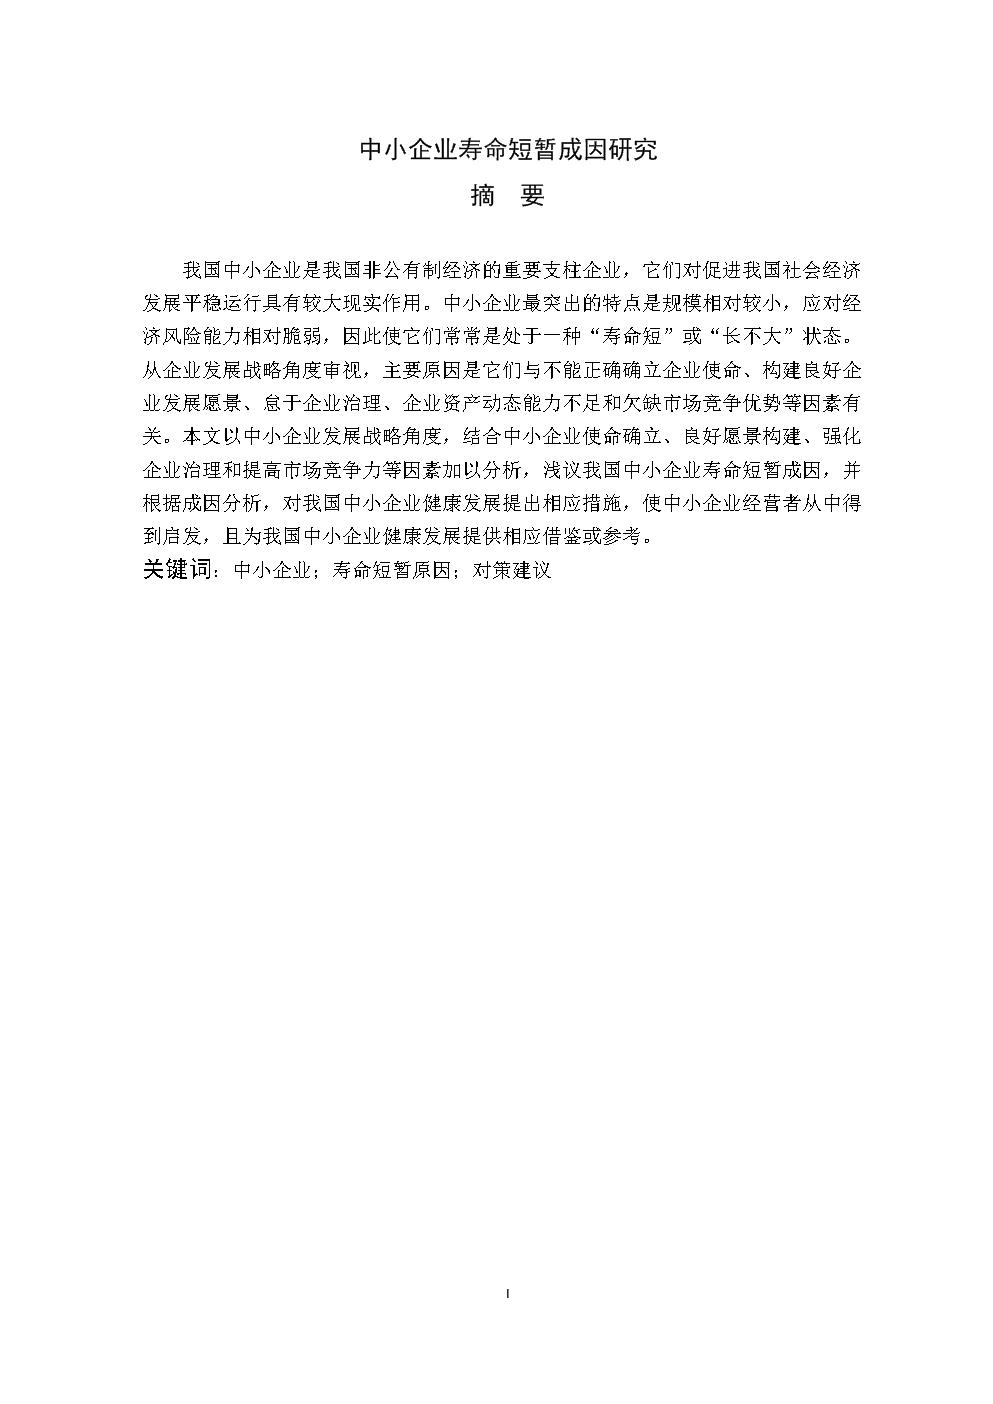 中小企业寿命短暂成因研究.docx